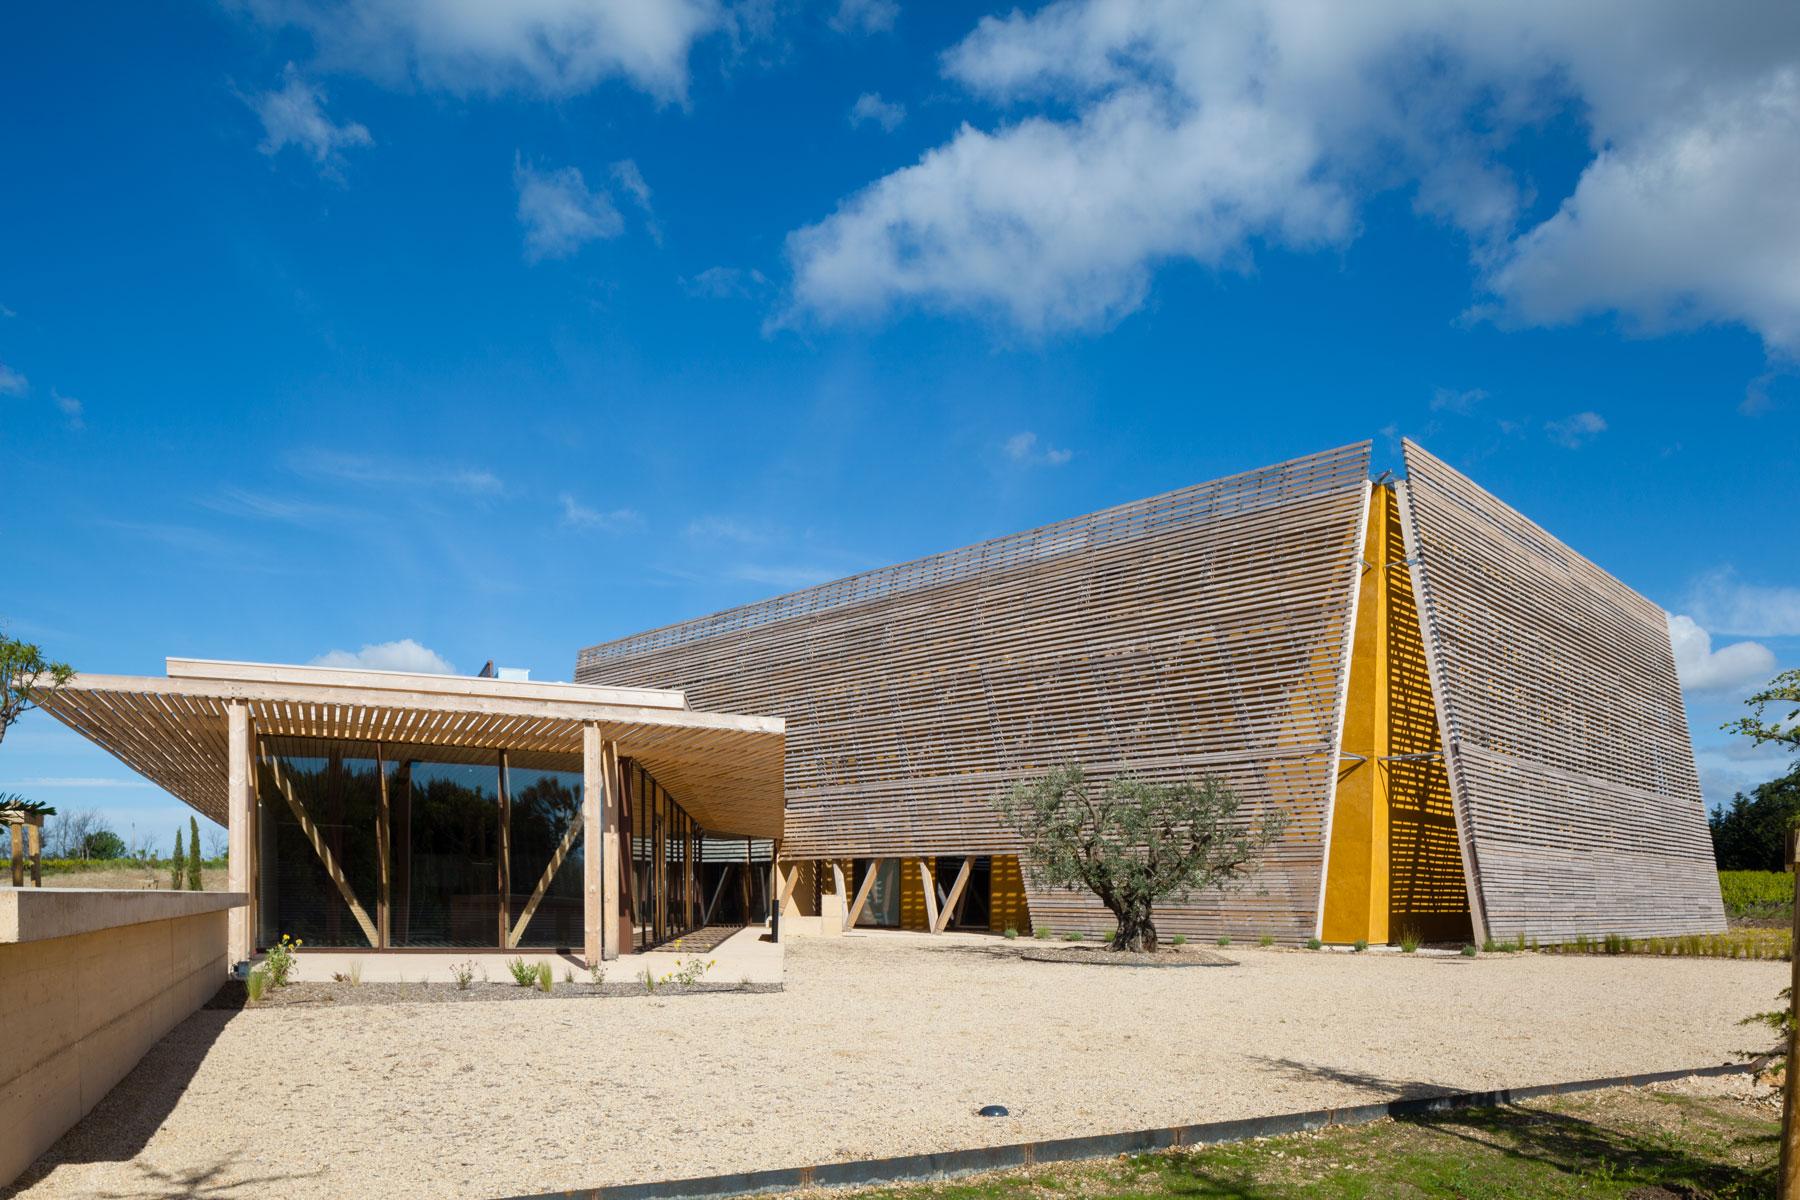 La boiserie : de la paille et du bois local pour une architecture pleine de sens